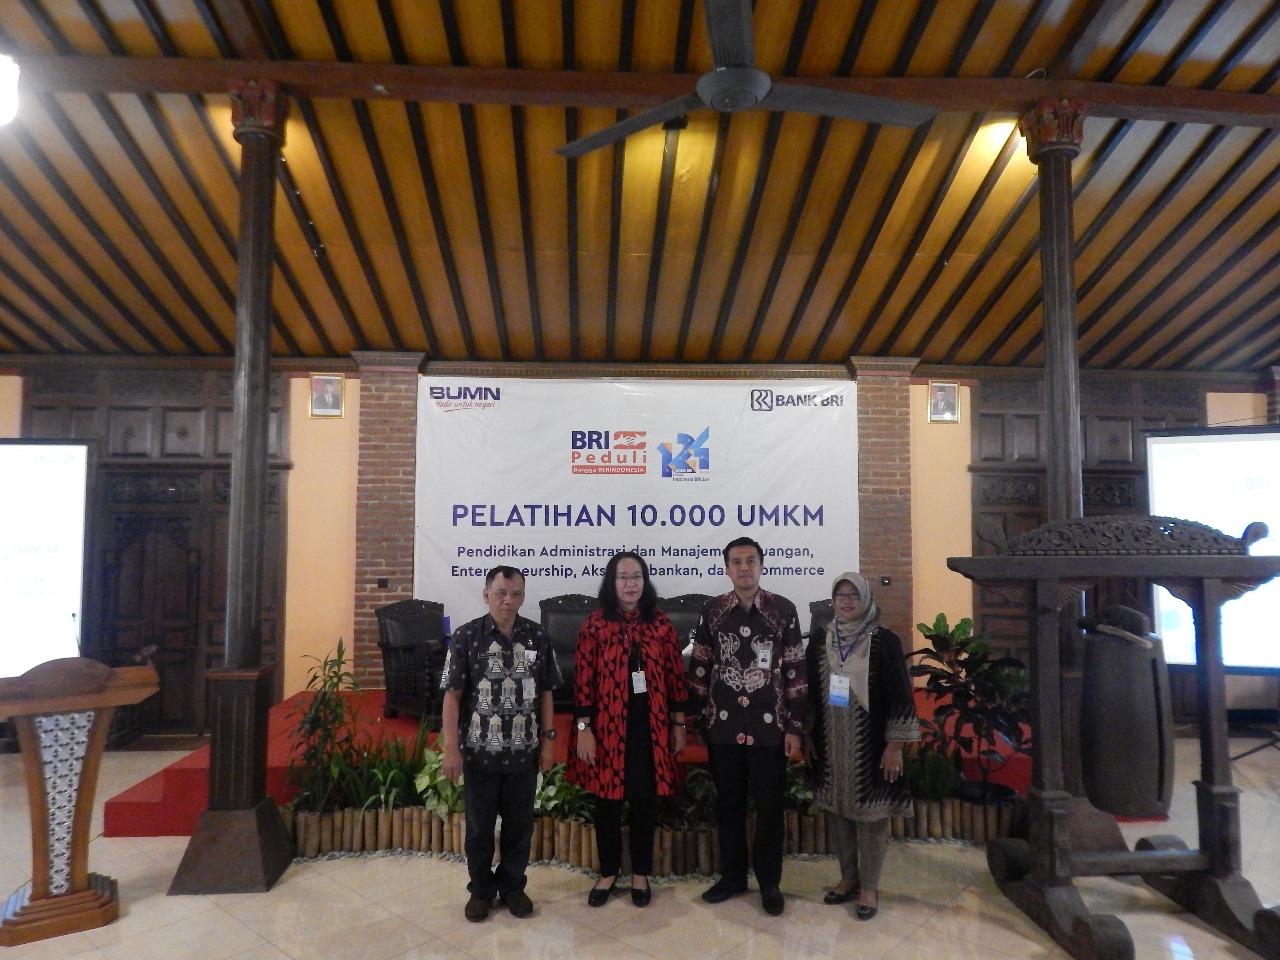 PEMBUKAAN- (kiri-kanan) Sekretaris Dinas Koperasi UKM Perindustrian dan Perdagangan Kabupaten Semarang, Hadi Riyanto; Kabag Logistik dan Umum Kantor Wilayah BRI Semarang, Eda Febriyanti; Pemimpin Cabang BRI Kantor Cabang Ungaran, Reza Syahrizal Setiaputra; dan salah satu pemateri dari Vission College, Mustikatun; saat membuka 'Pelatihan 1.000 UMKM' yang digelar Bank BRI, di Balemong Resort Ungaran, Kamis (7/11). FOTO : ANING KARINDRA/JATENG POS